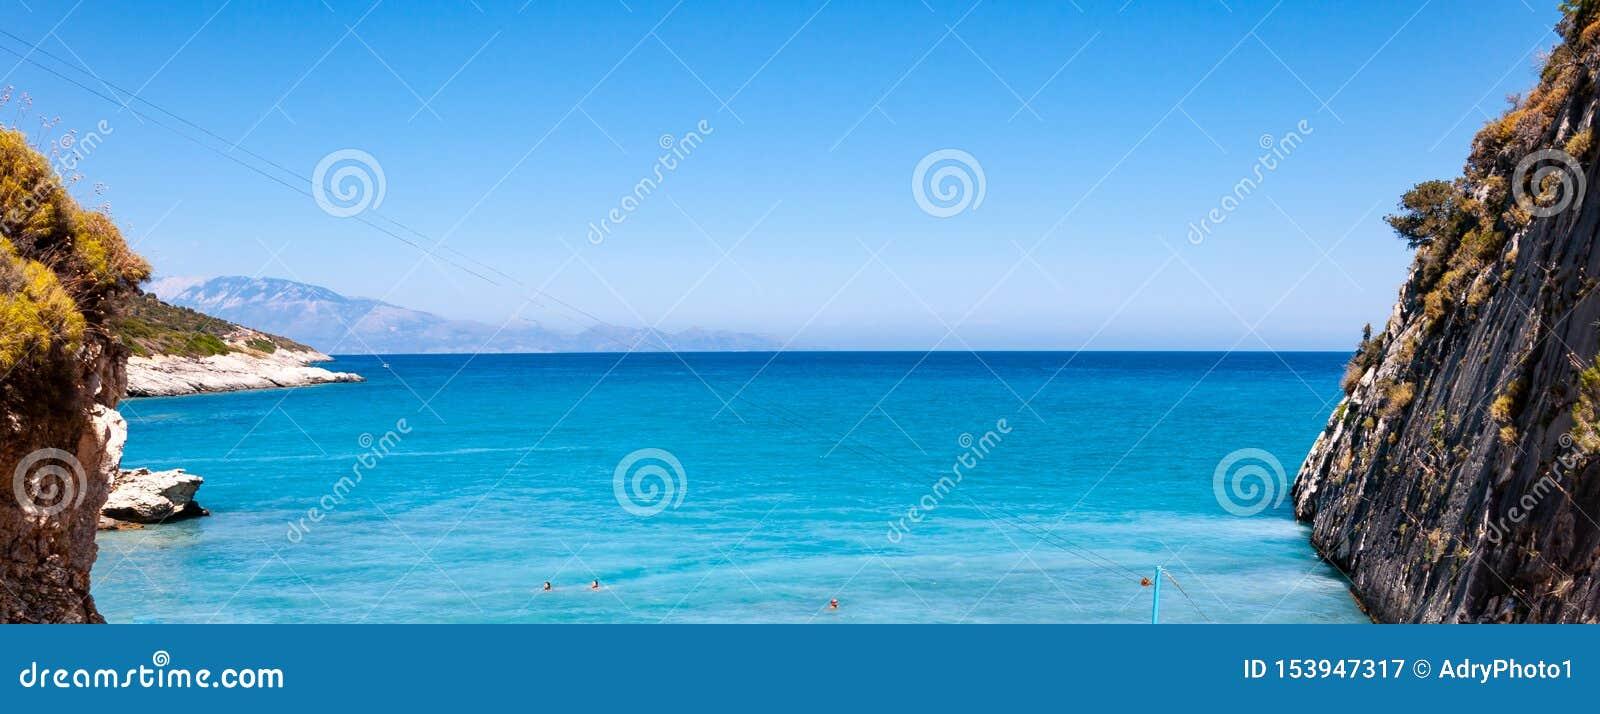 Ilha de Zakynthos, Gr?cia Uma p?rola do mediterr?neo com as praias e as costas apropriadas por feriados inesquec?veis do mar